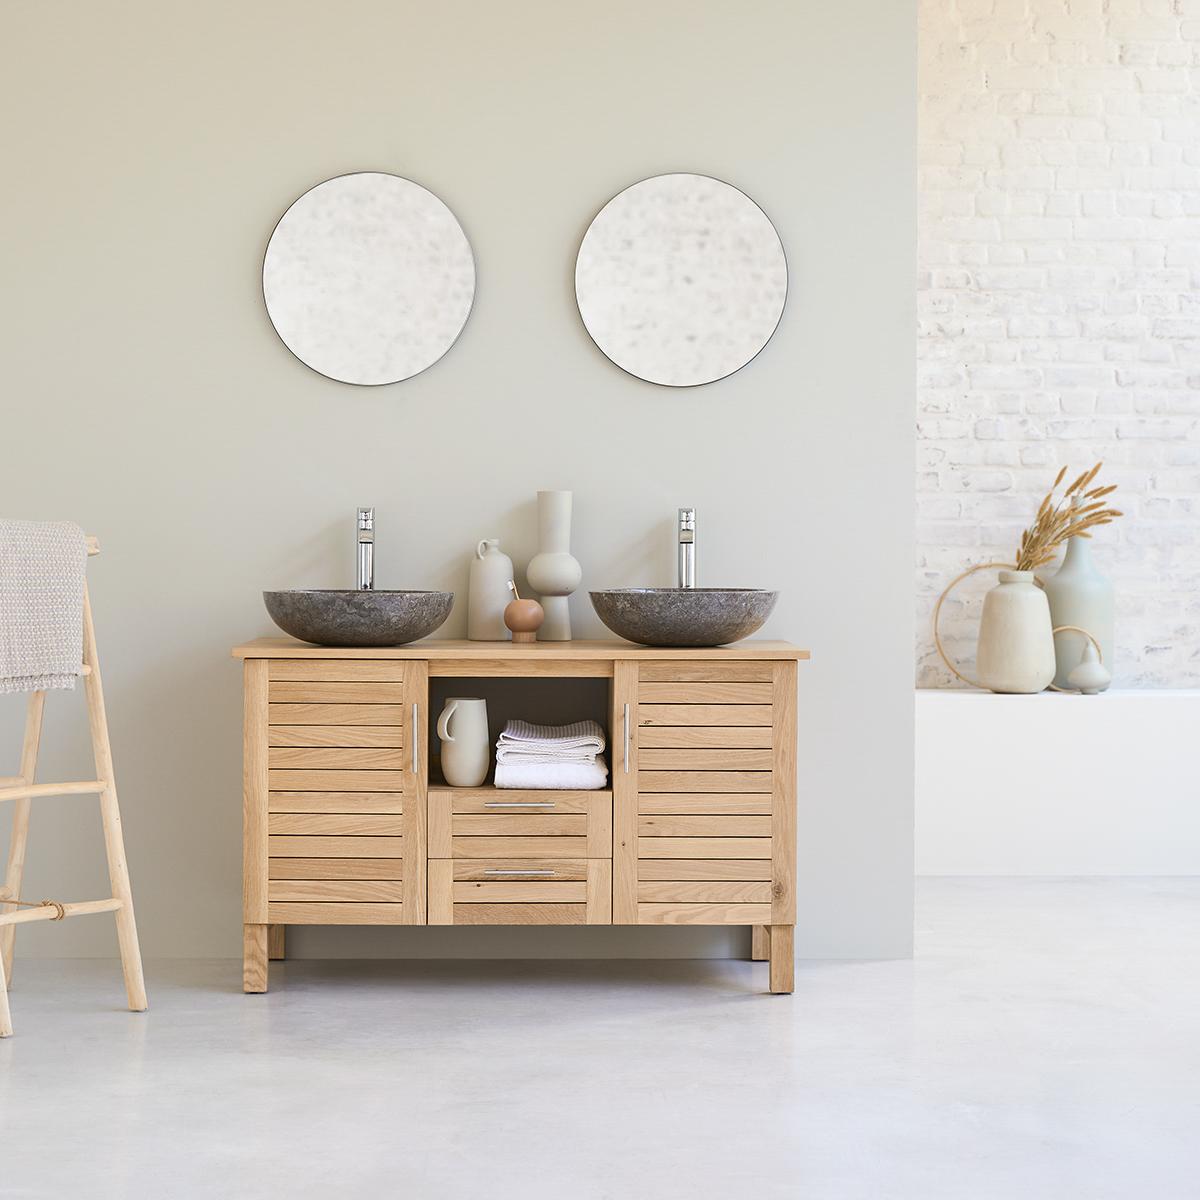 Soho 125 solid oak bathroom unit